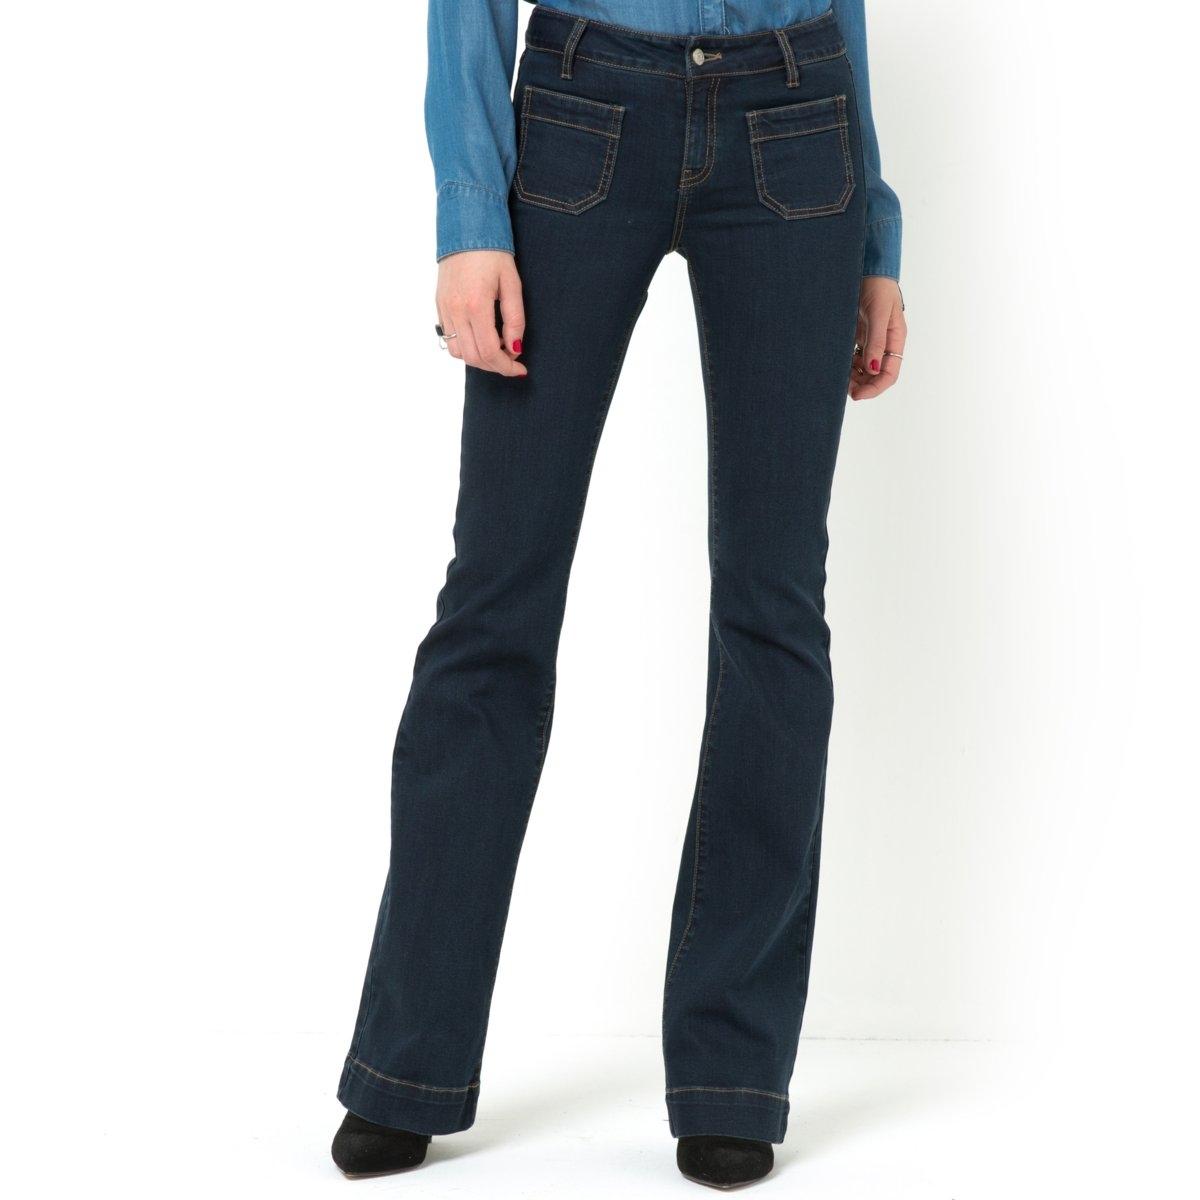 Джинсы расклешенные из денима стретчЭластомультиэстер - полиэстеровое волокно, добавляемое в деним для большего комфорта.Эластомультиэстер придает джинсам эластичность и способность долго сохранять форму.<br><br>Цвет: синий выбеленный,темно-синий<br>Размер: 38 (FR) - 44 (RUS).44 (FR) - 50 (RUS)